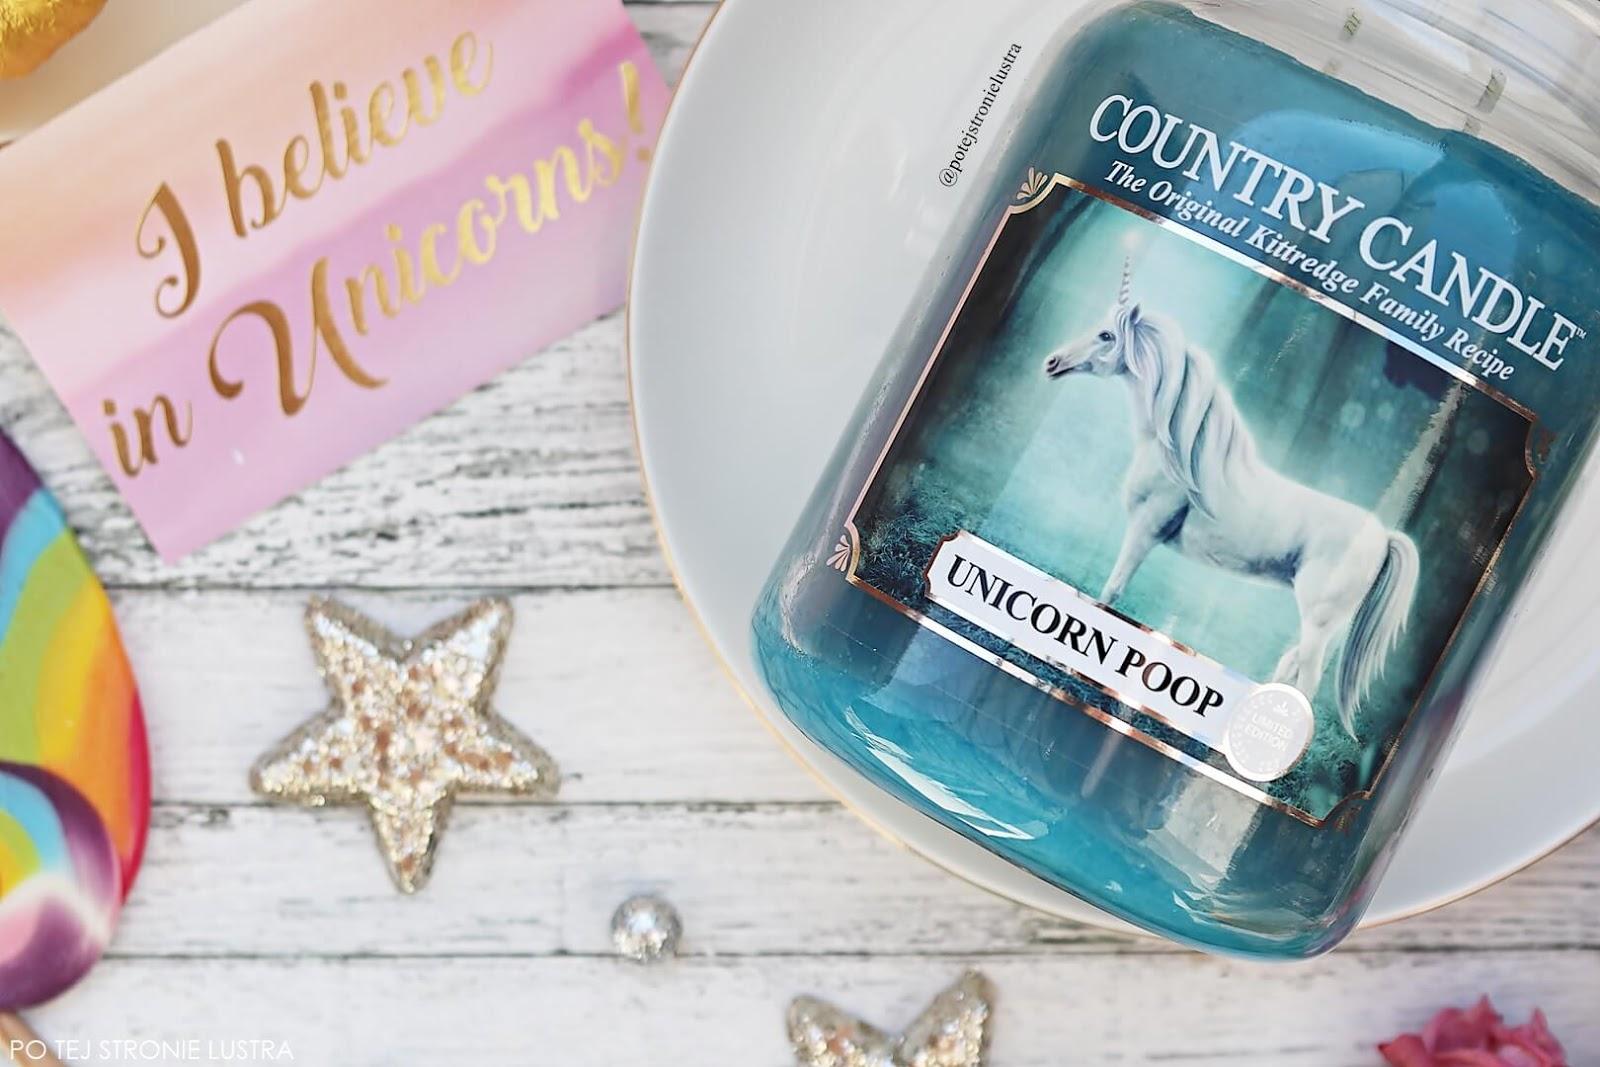 etykieta świecy country candle unicorn poop z białym jednorożcem